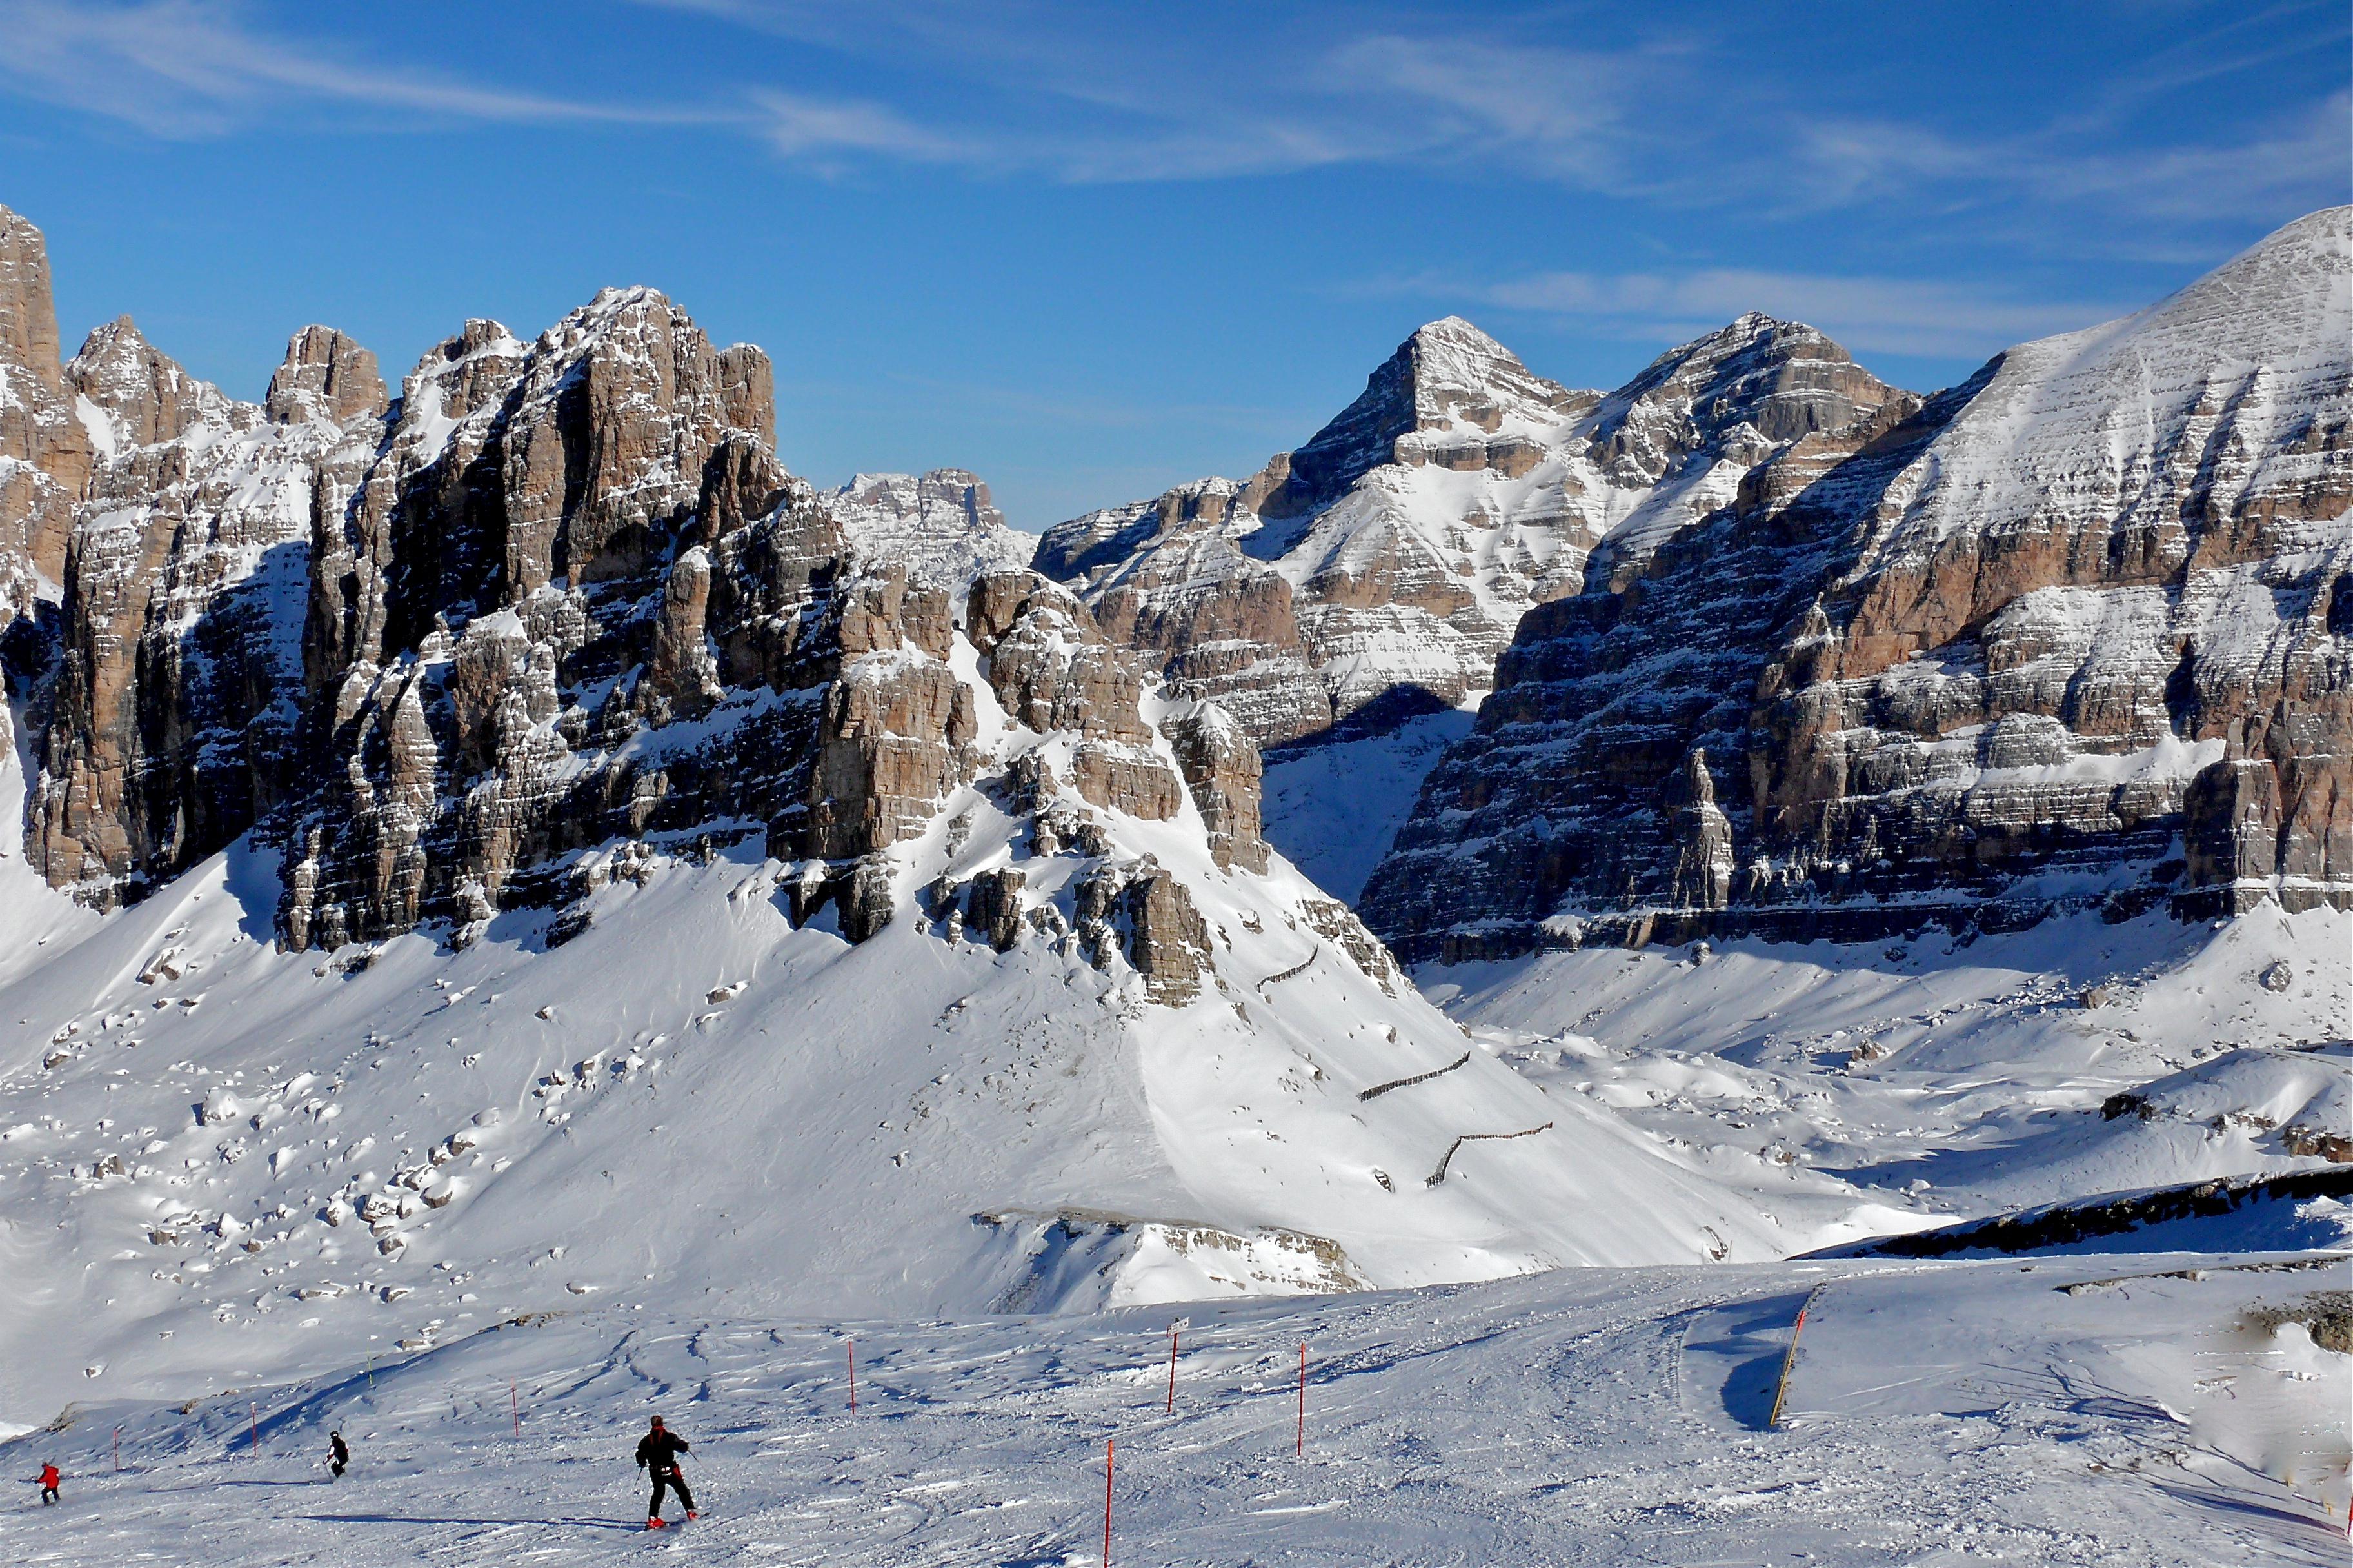 PERFECT SCENERY - PERFECT SKI RUN, Cortina